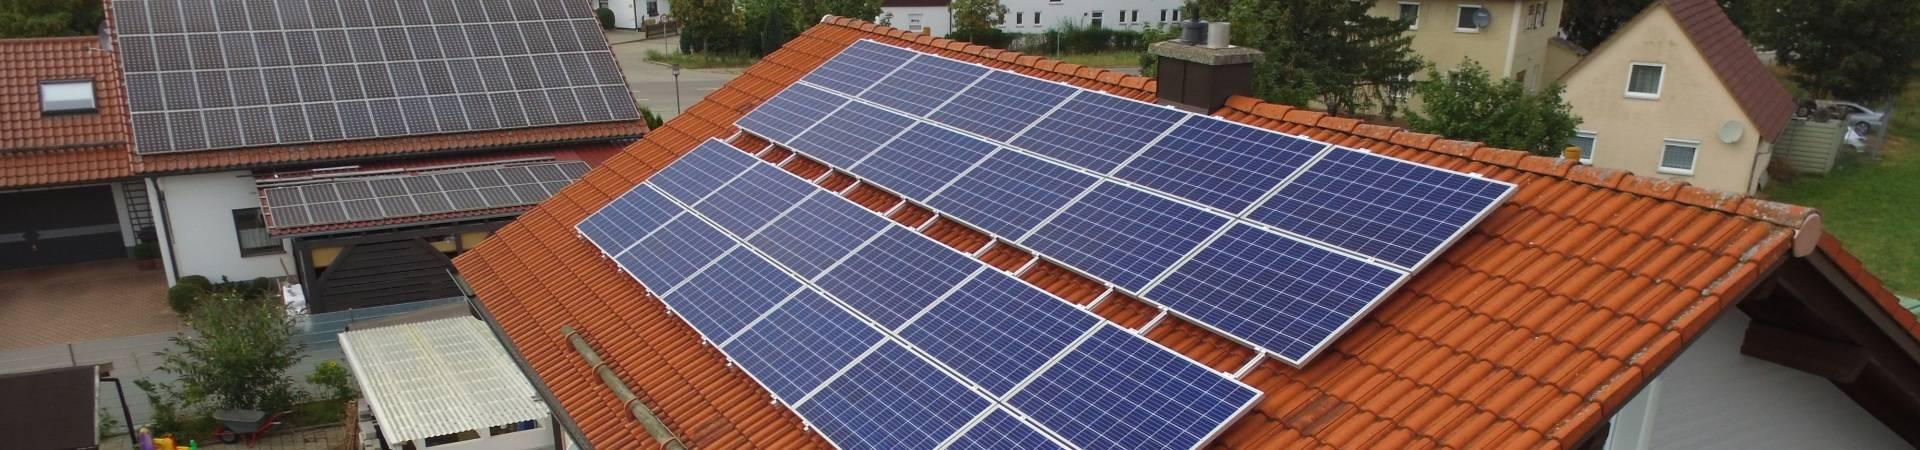 Photovoltaik Luftbild